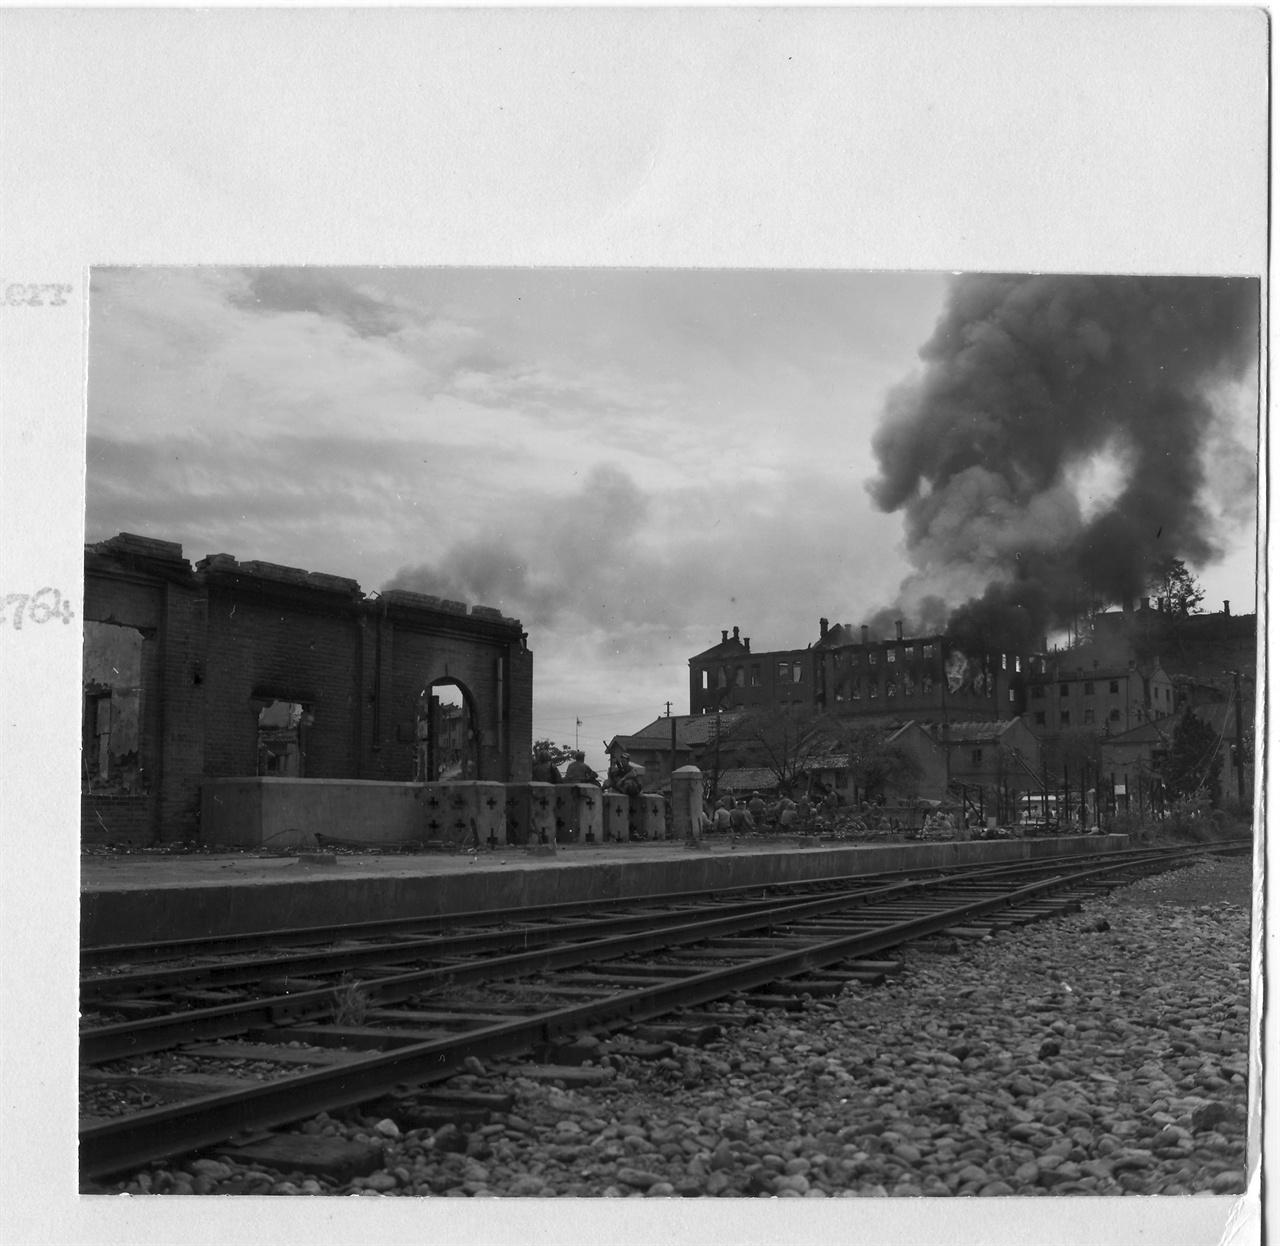 1950.  9. 16. 전란으로 인천역 일대가 불타고 있다.